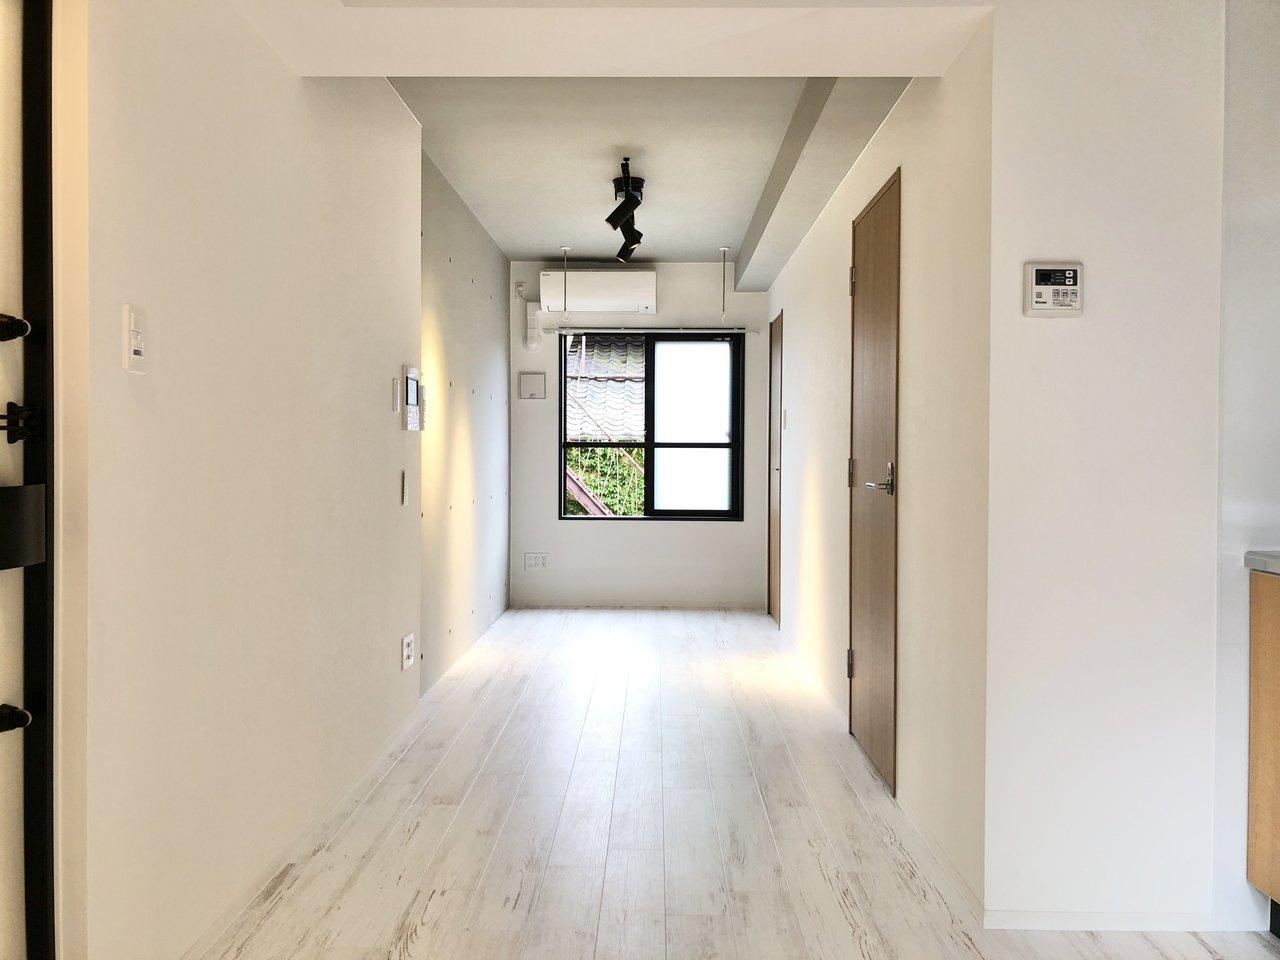 コンクリートがクールな縦長空間。家具・家電付きプランも選択でき、初めての一人暮らしにもオススメ。